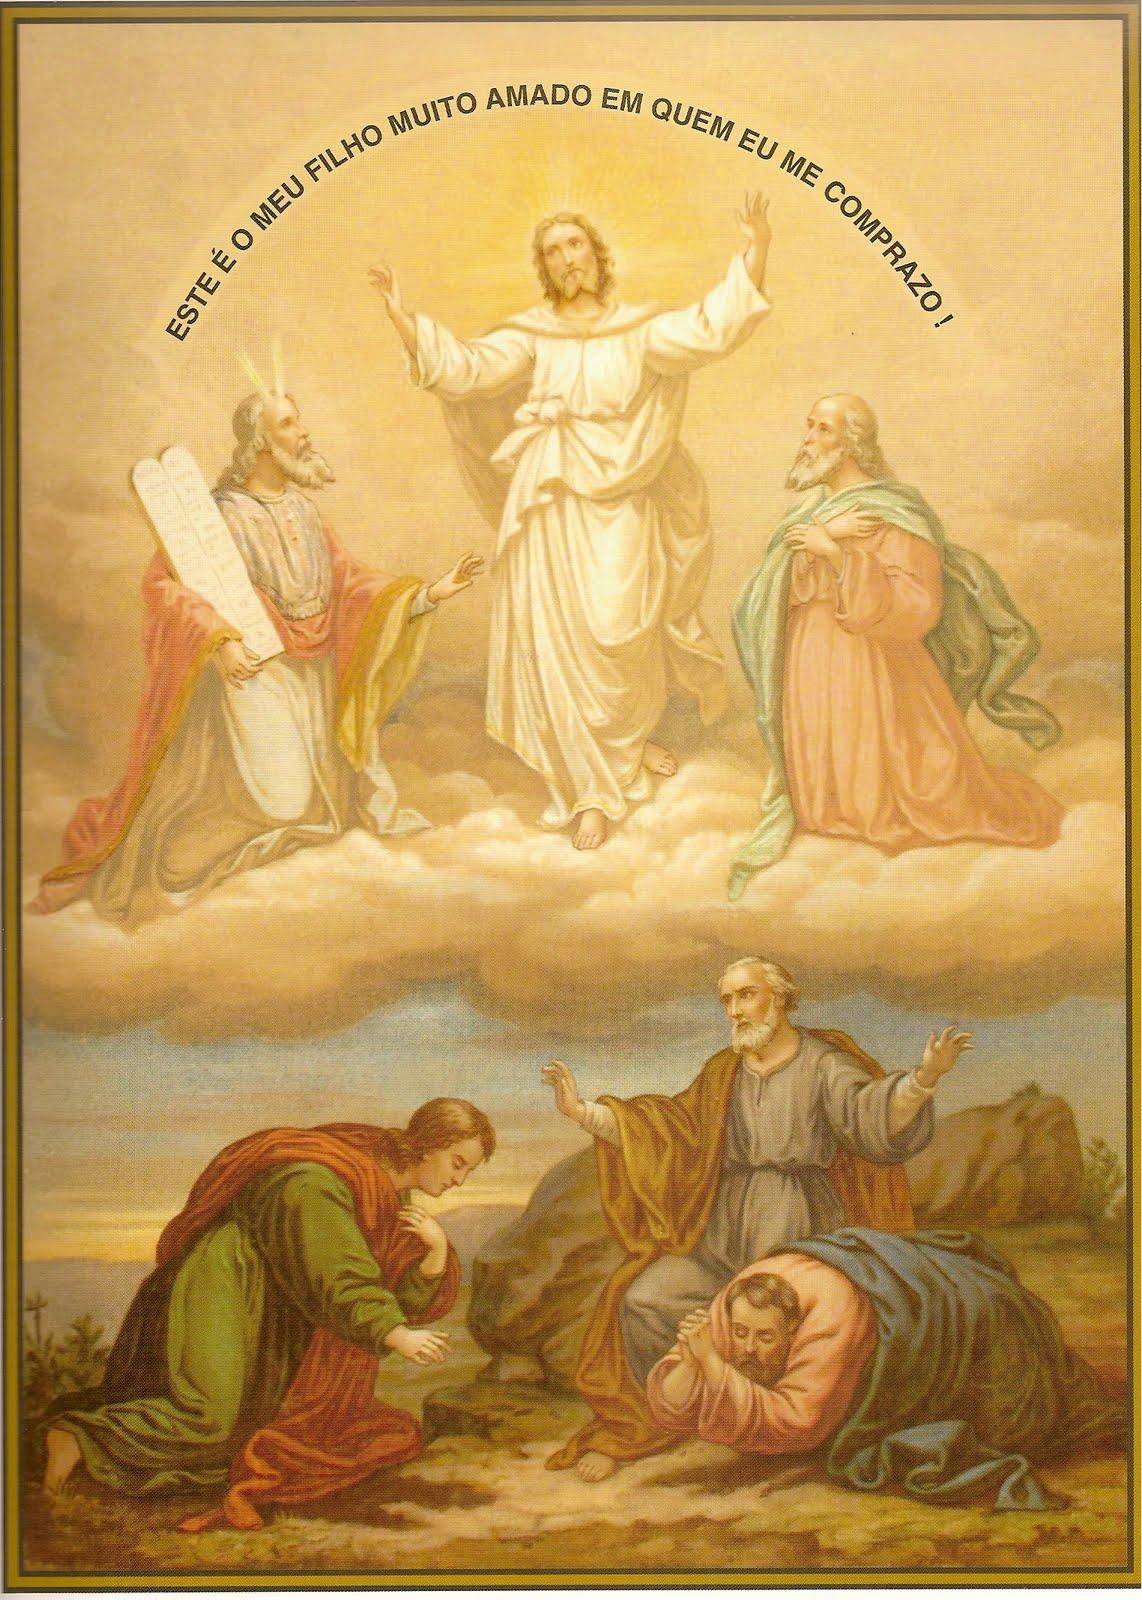 Resultado de imagem para transfiguração do senhor